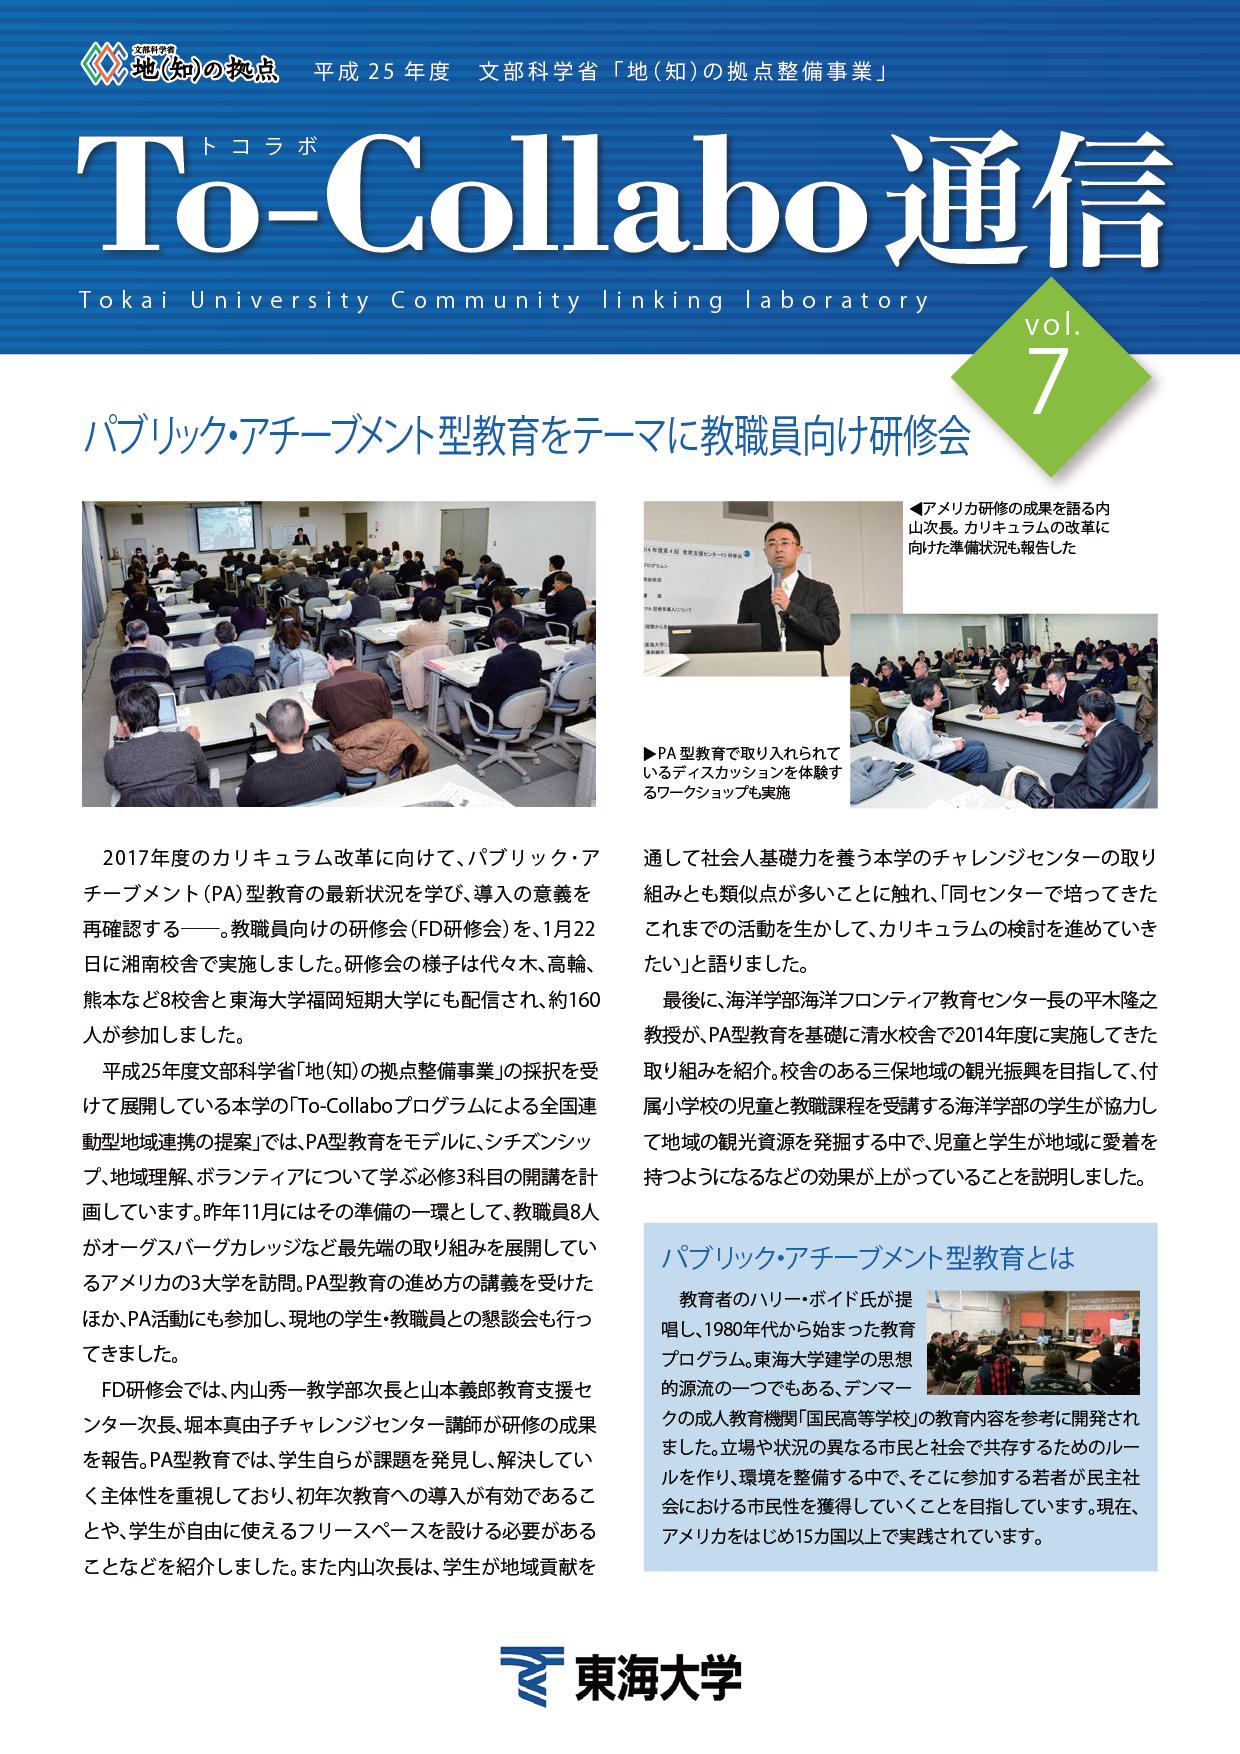 to-collabo-news_vol.5_01